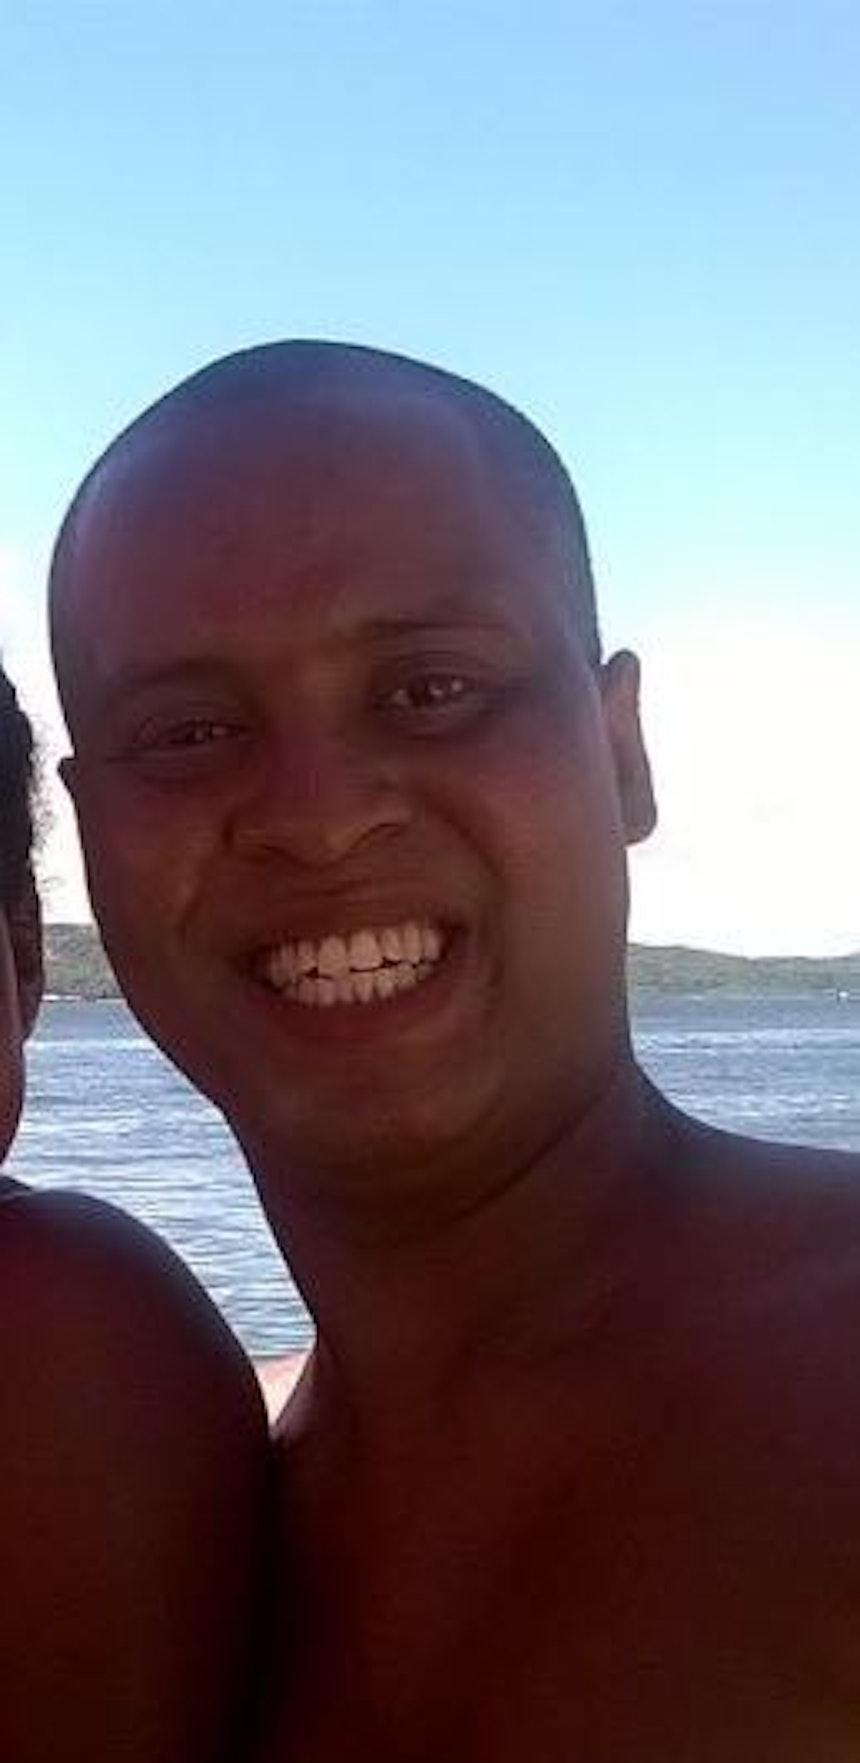 Reinaldo Souza dos Santos